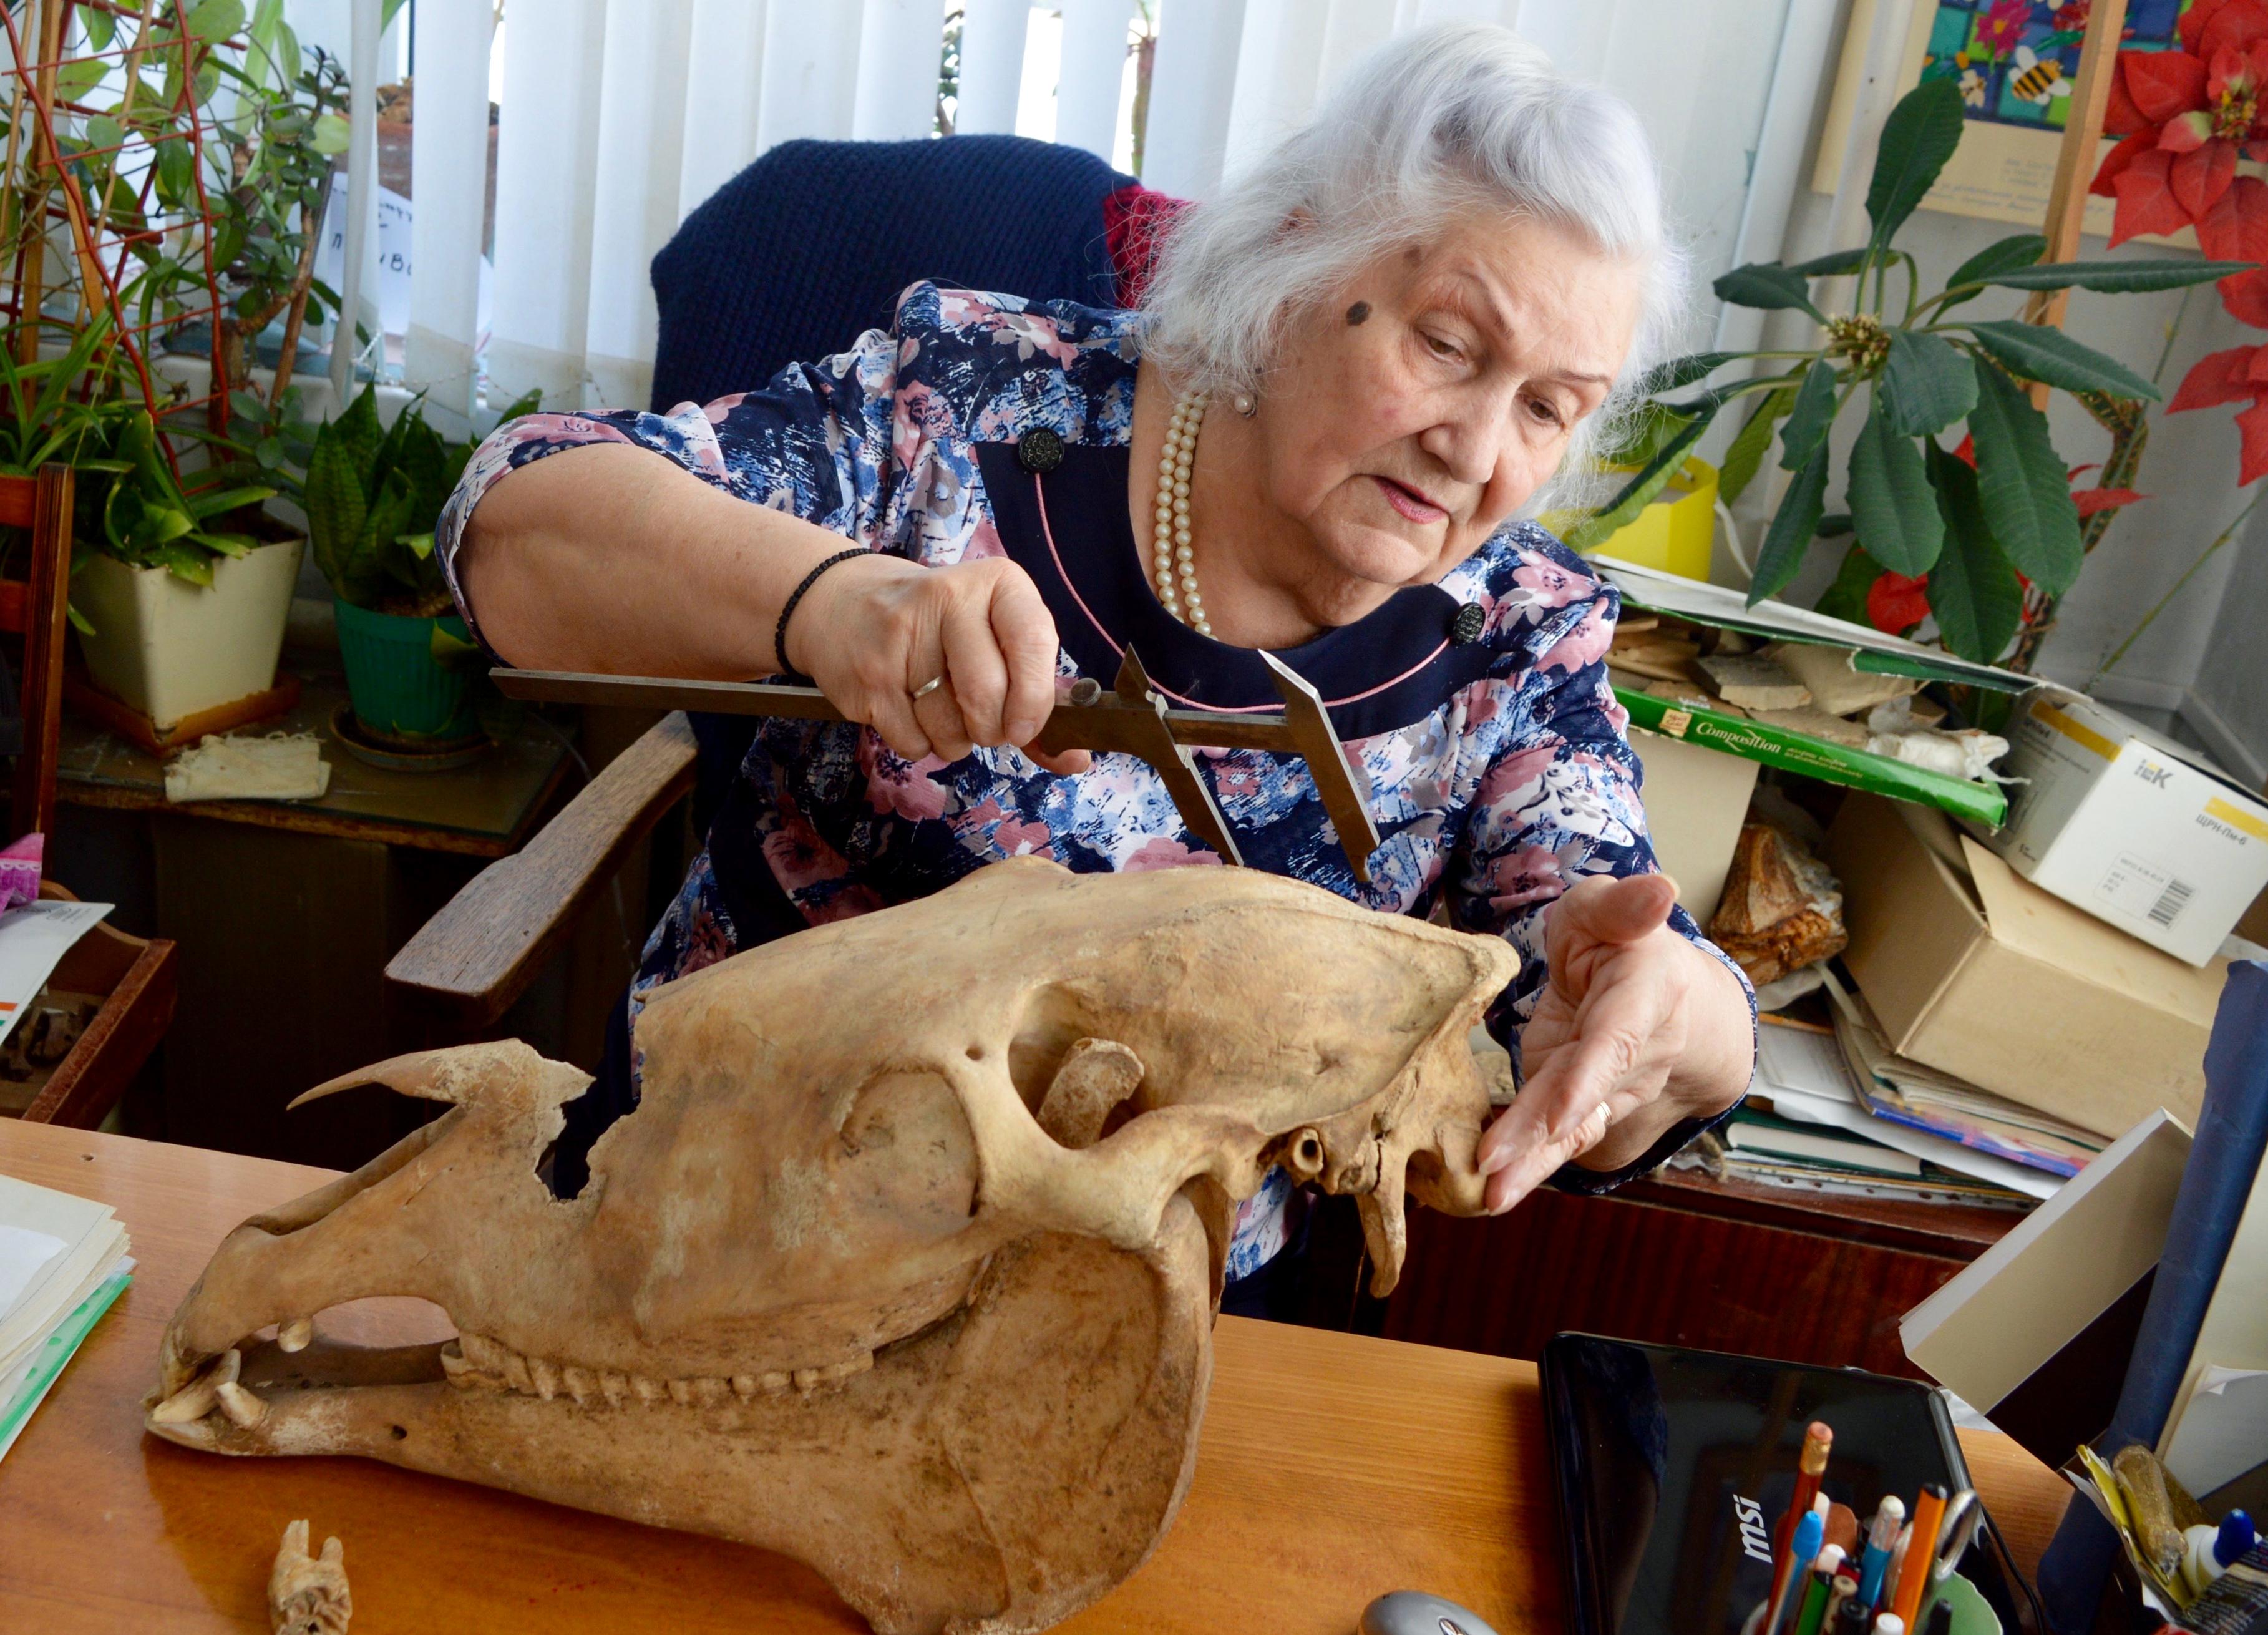 シュヴィリョワ氏の作業の様子。机の上には中世のウマの頭蓋骨。この1ヶ月前、リゾート地キスロヴォツク近くで発見された。